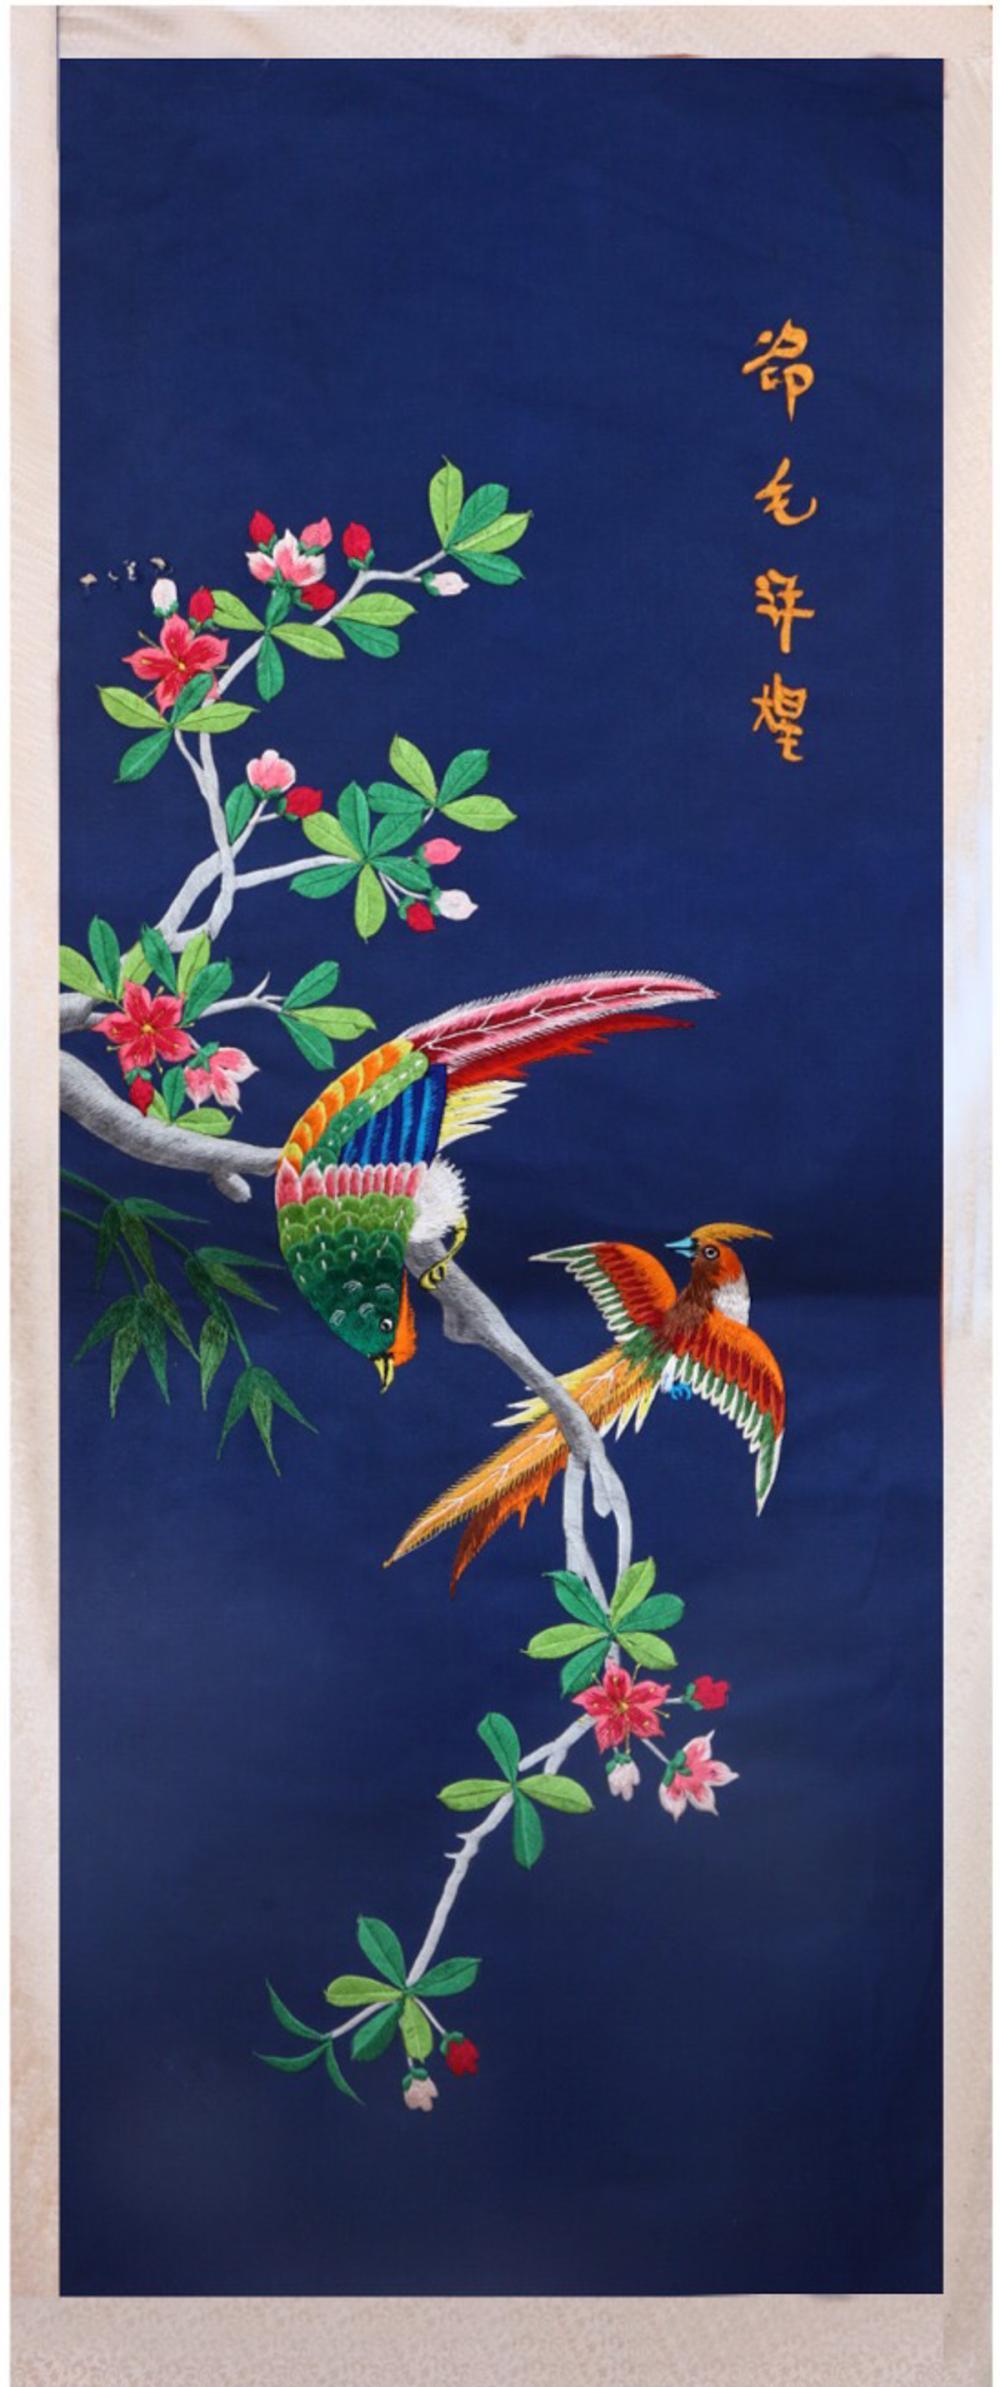 AN EMBROIDERY OF FLOWER & BIRD